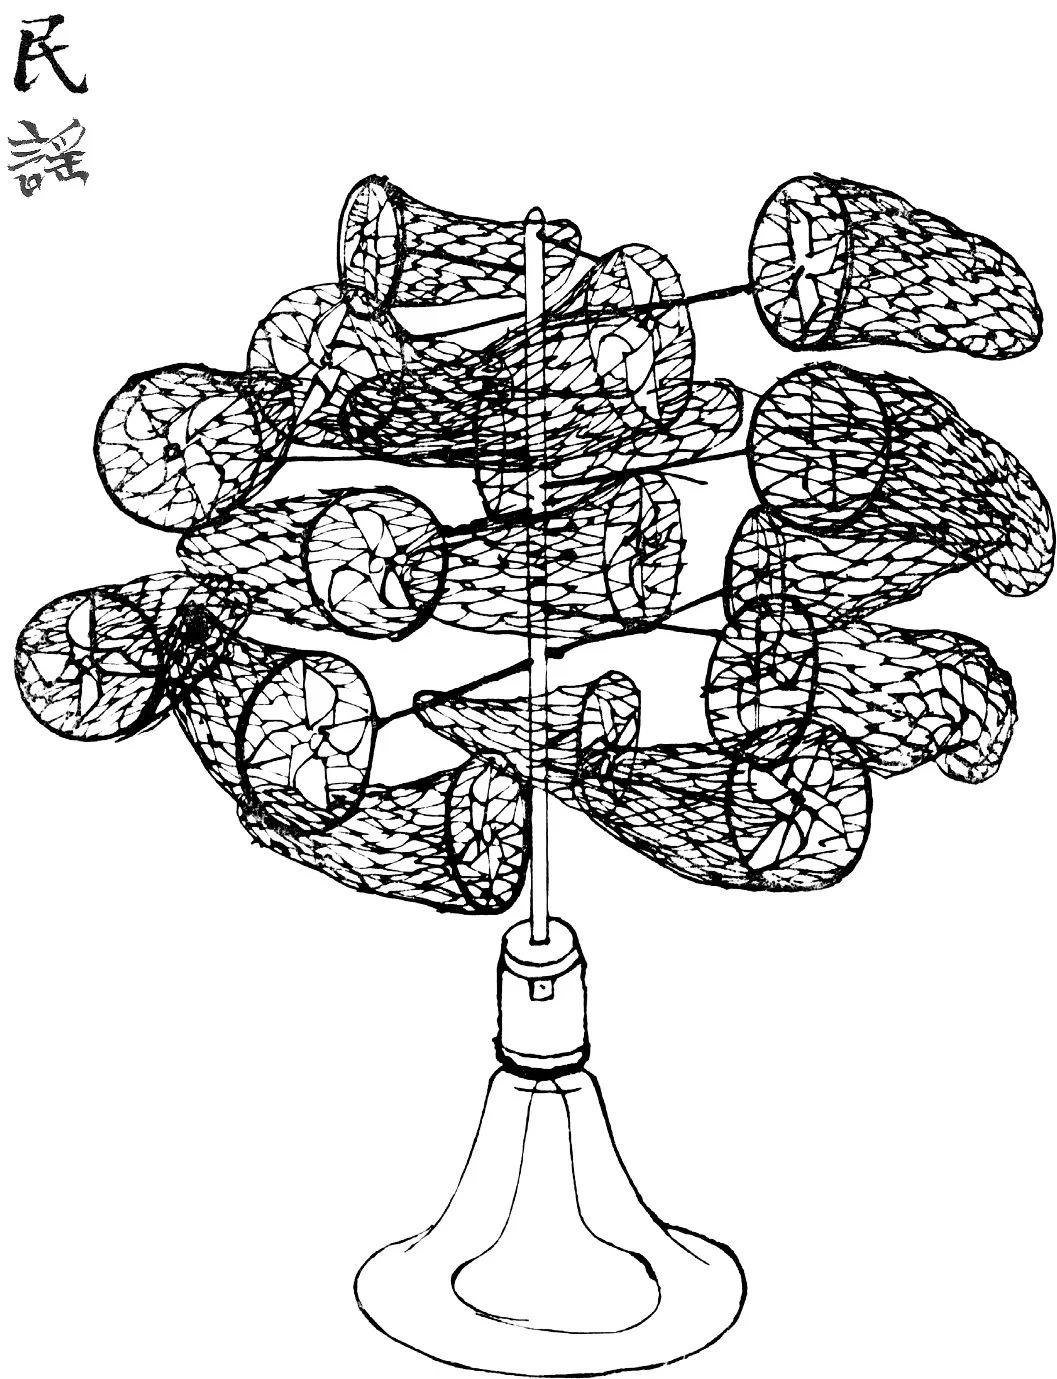 一个捕捉蝴蝶用的网兜,内部装上风车,成为捕风的器具。多个这样的网兜插成树状。底座为大喇叭。